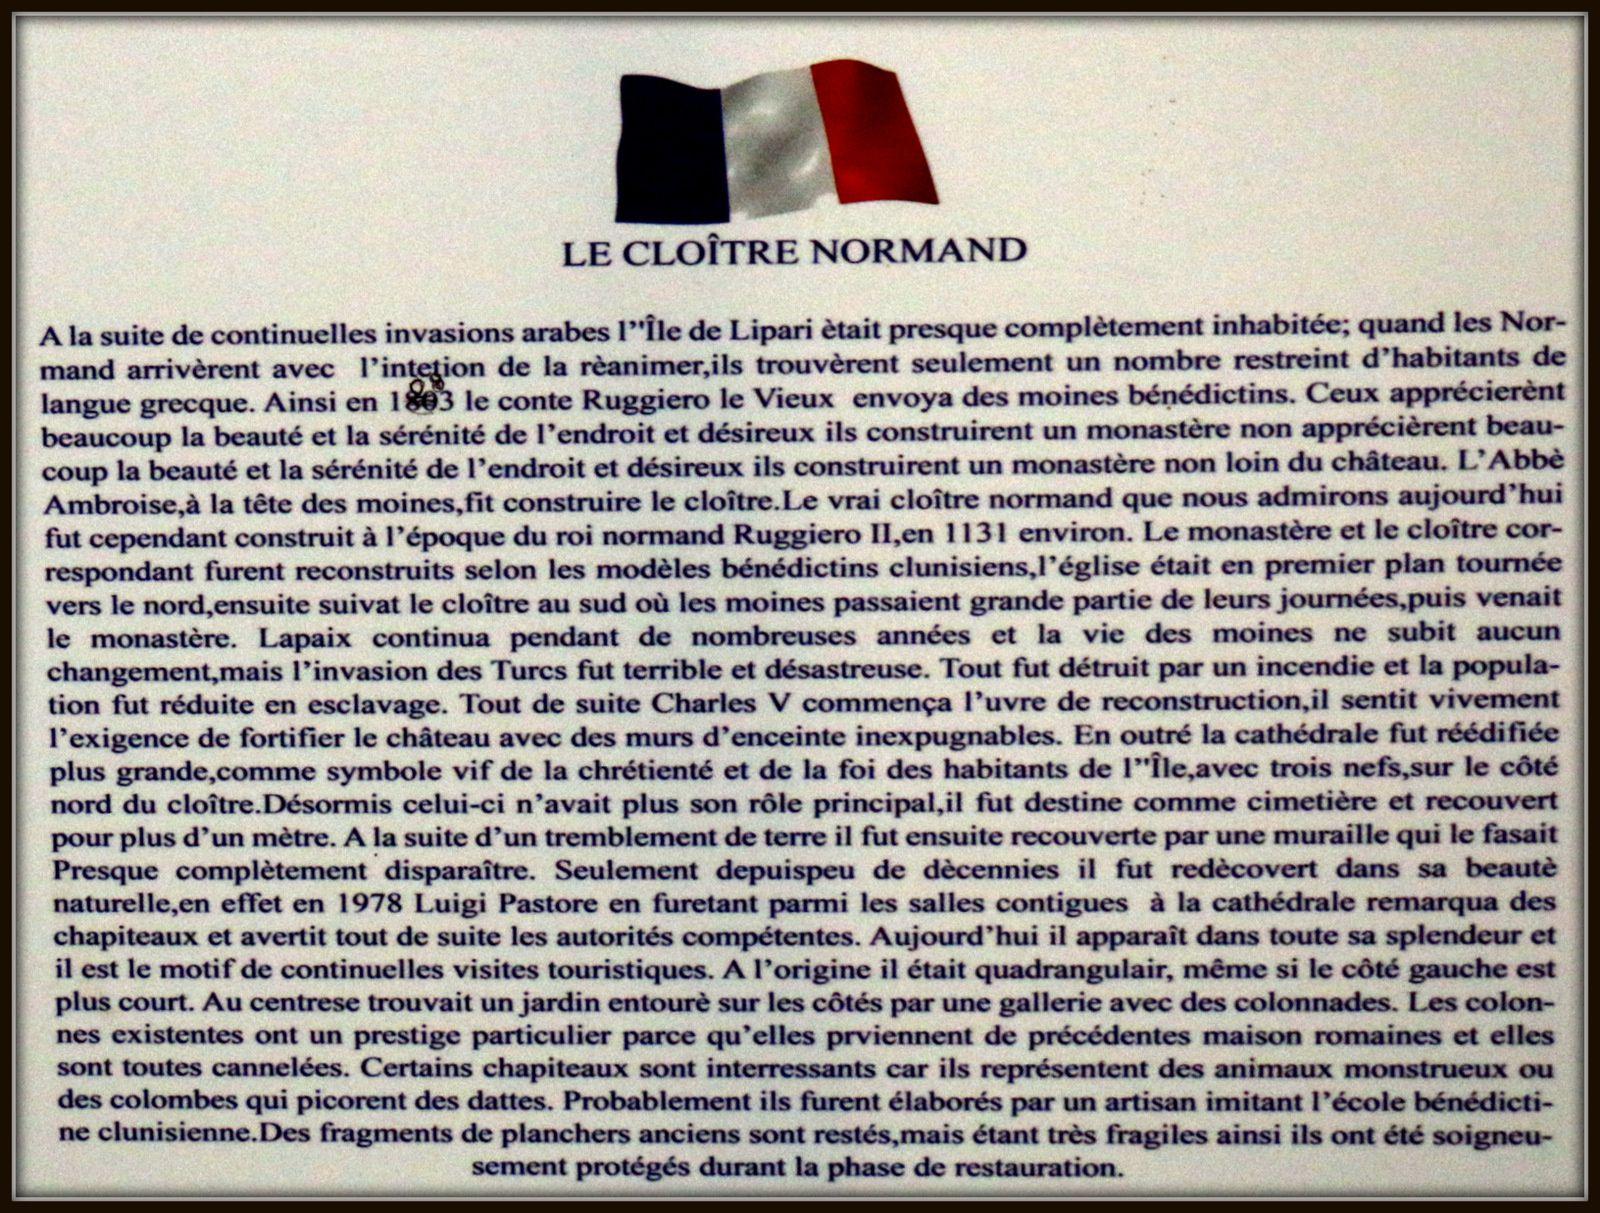 Chapiteaux et animaux, Cloître normand (Lipari)